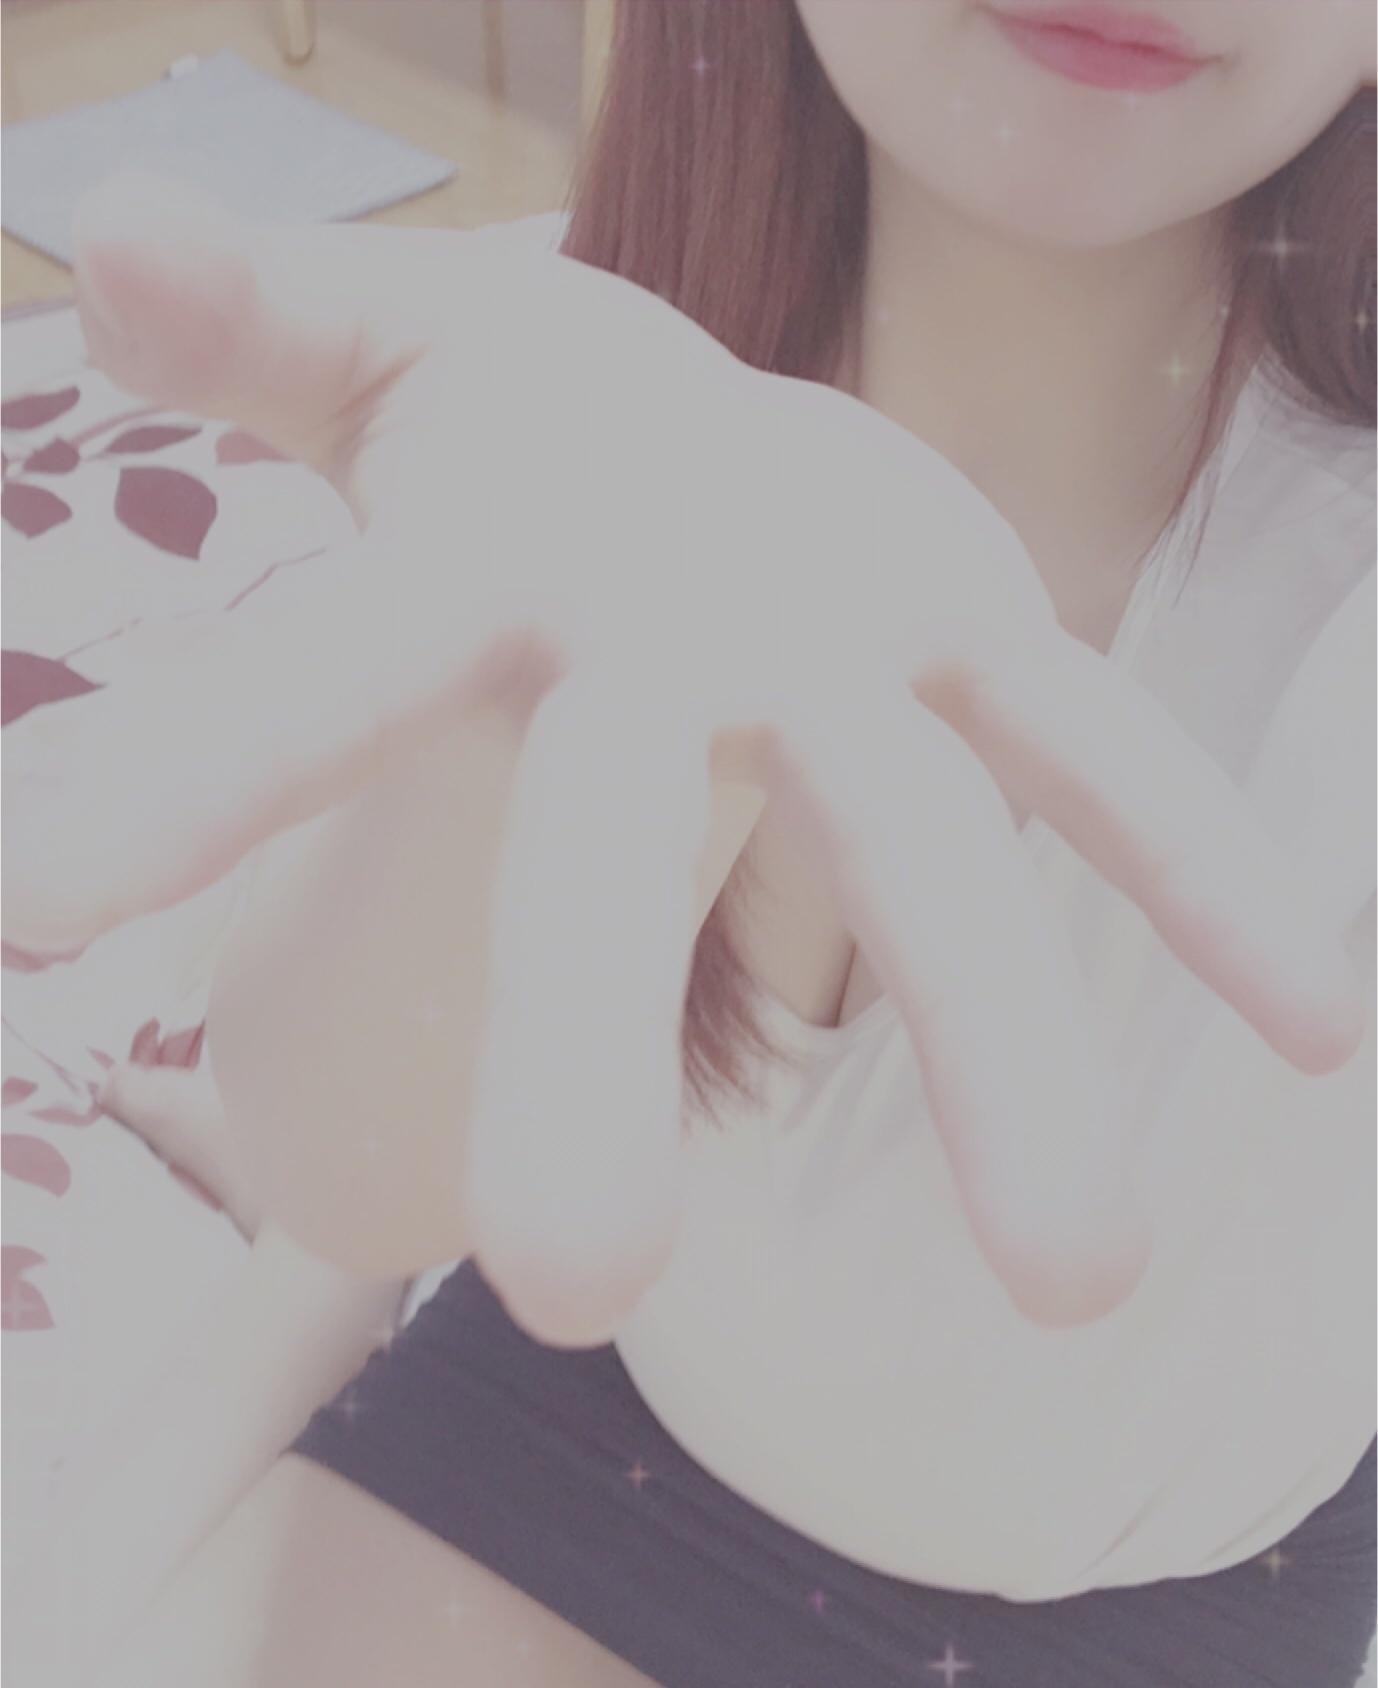 「お礼です♡♡」08/12(08/12) 18:39 | 一ノ瀬ゆいの写メ・風俗動画